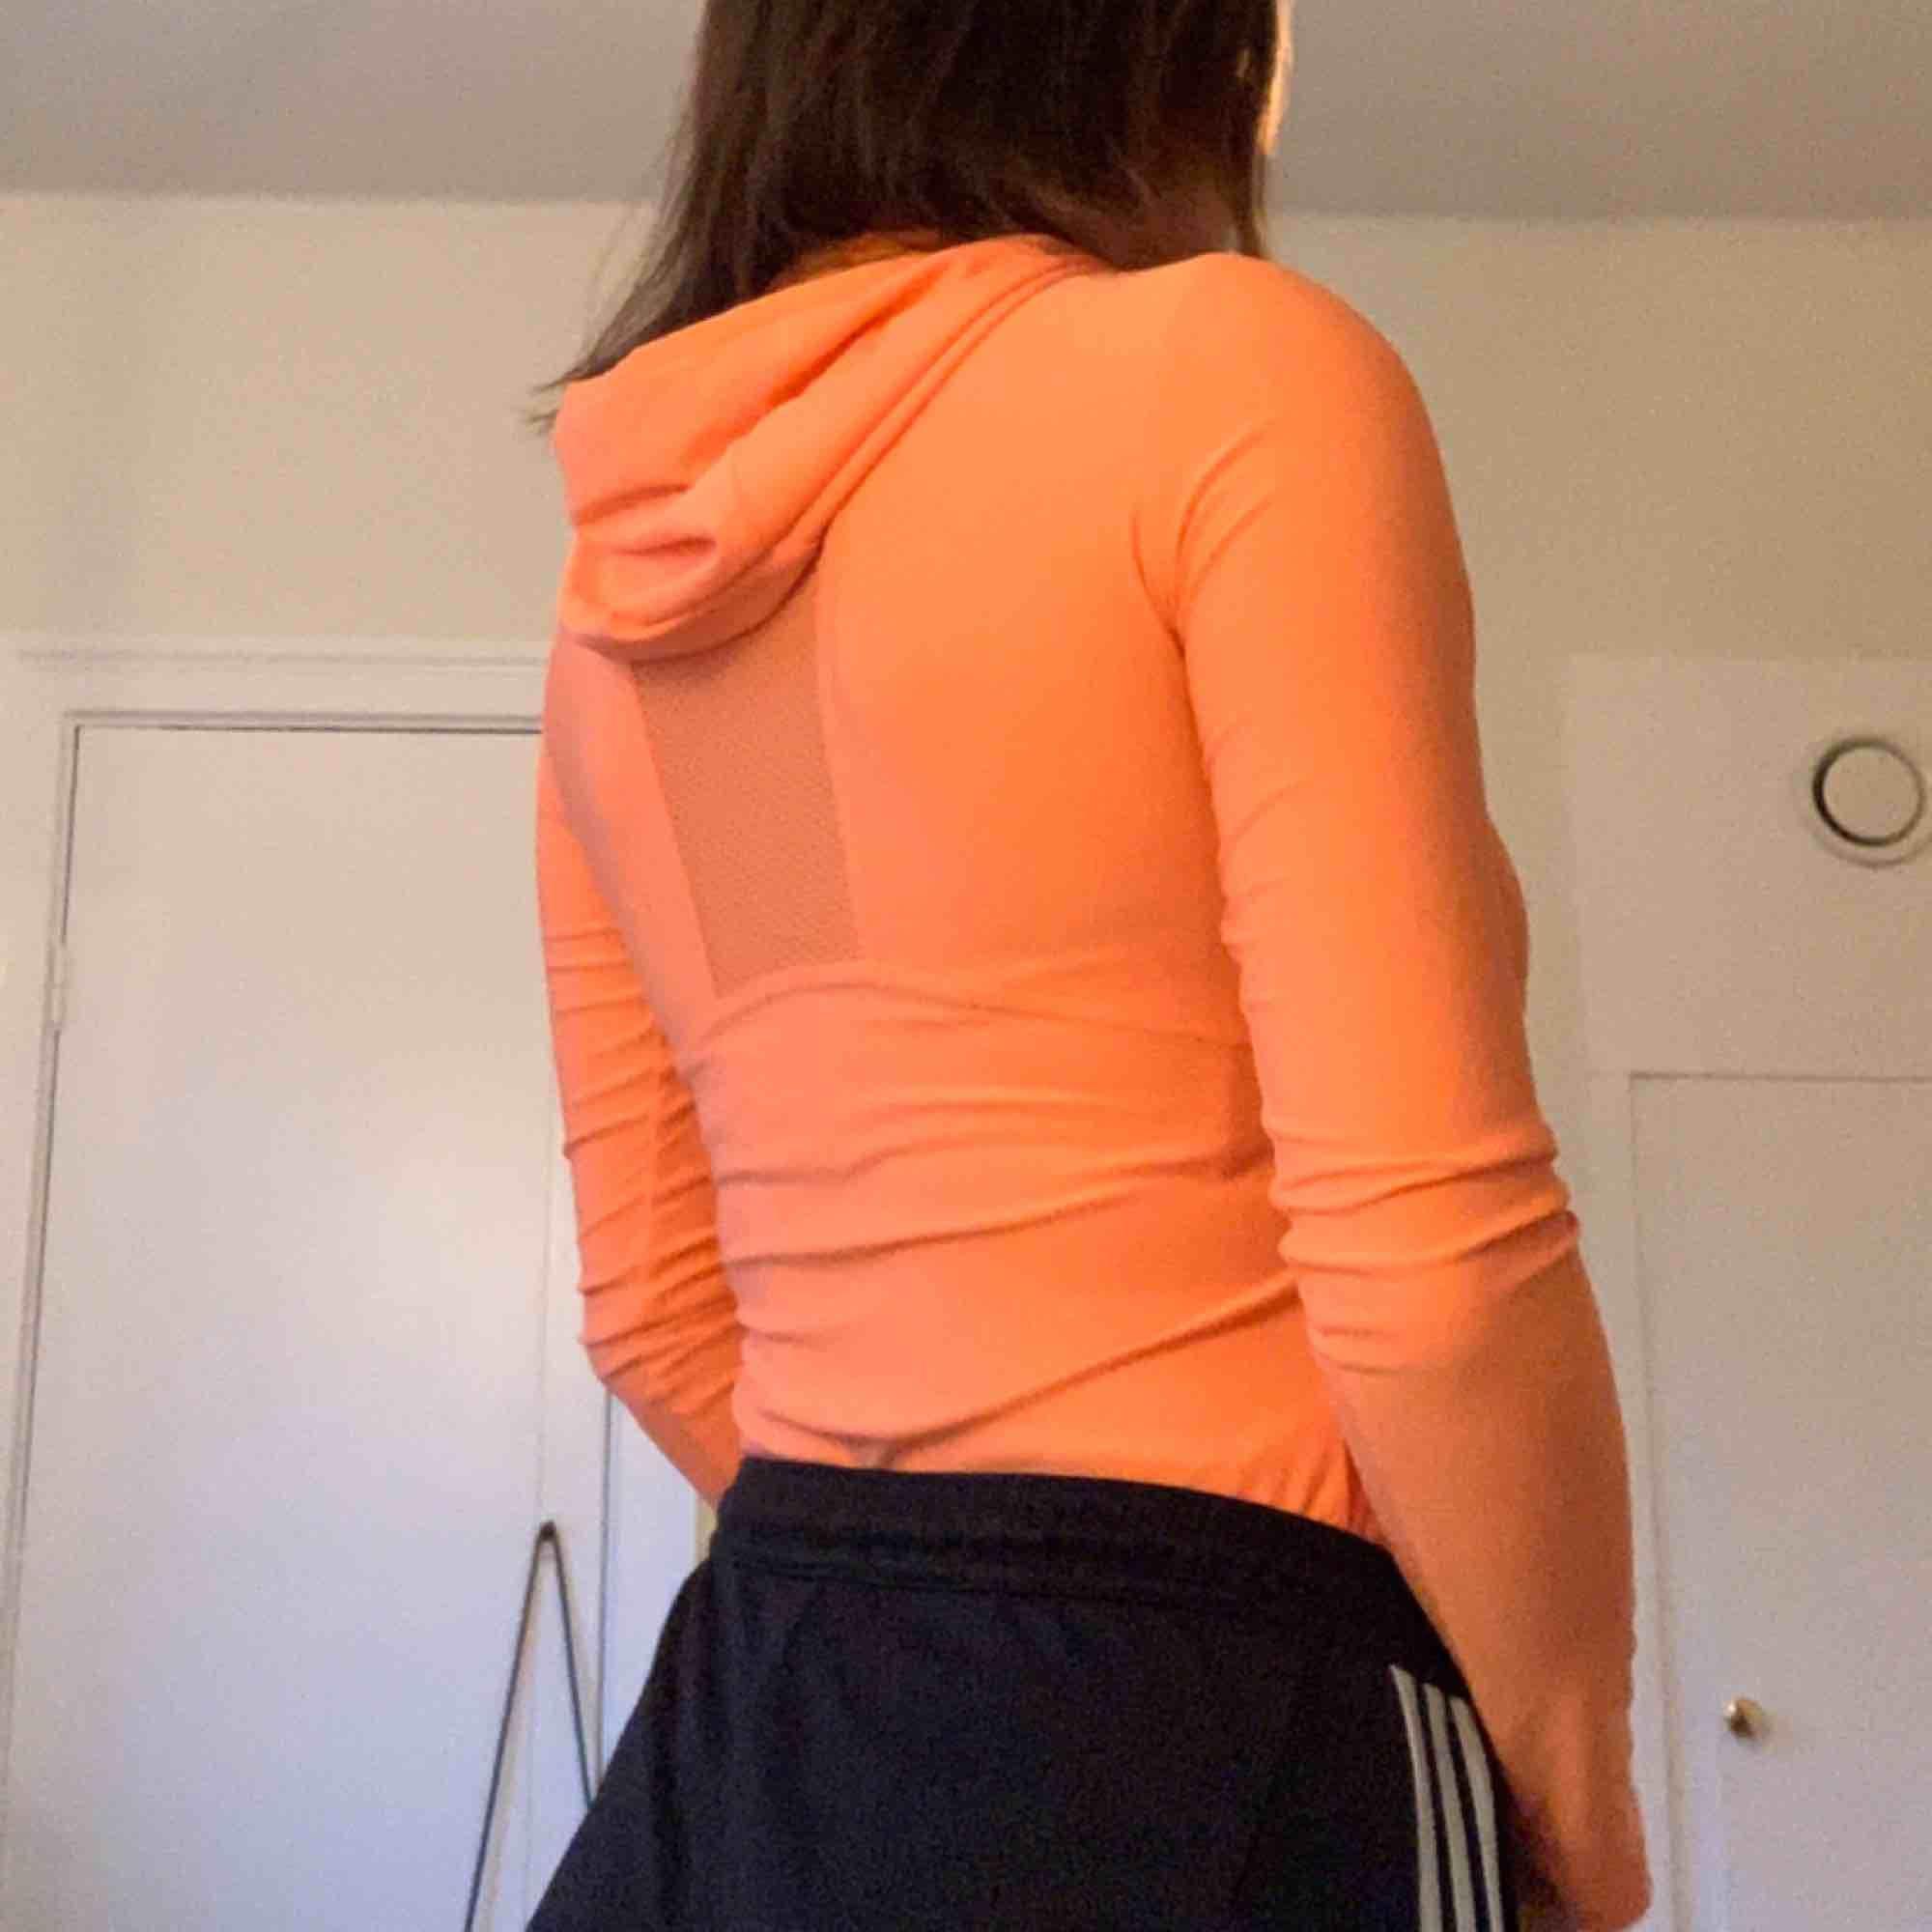 Tajt tränings tröja köpt i London förra året. XS, men använt av mig som har stl S vanligtvis. Frakt står köparen för. Huvtröjor & Träningströjor.